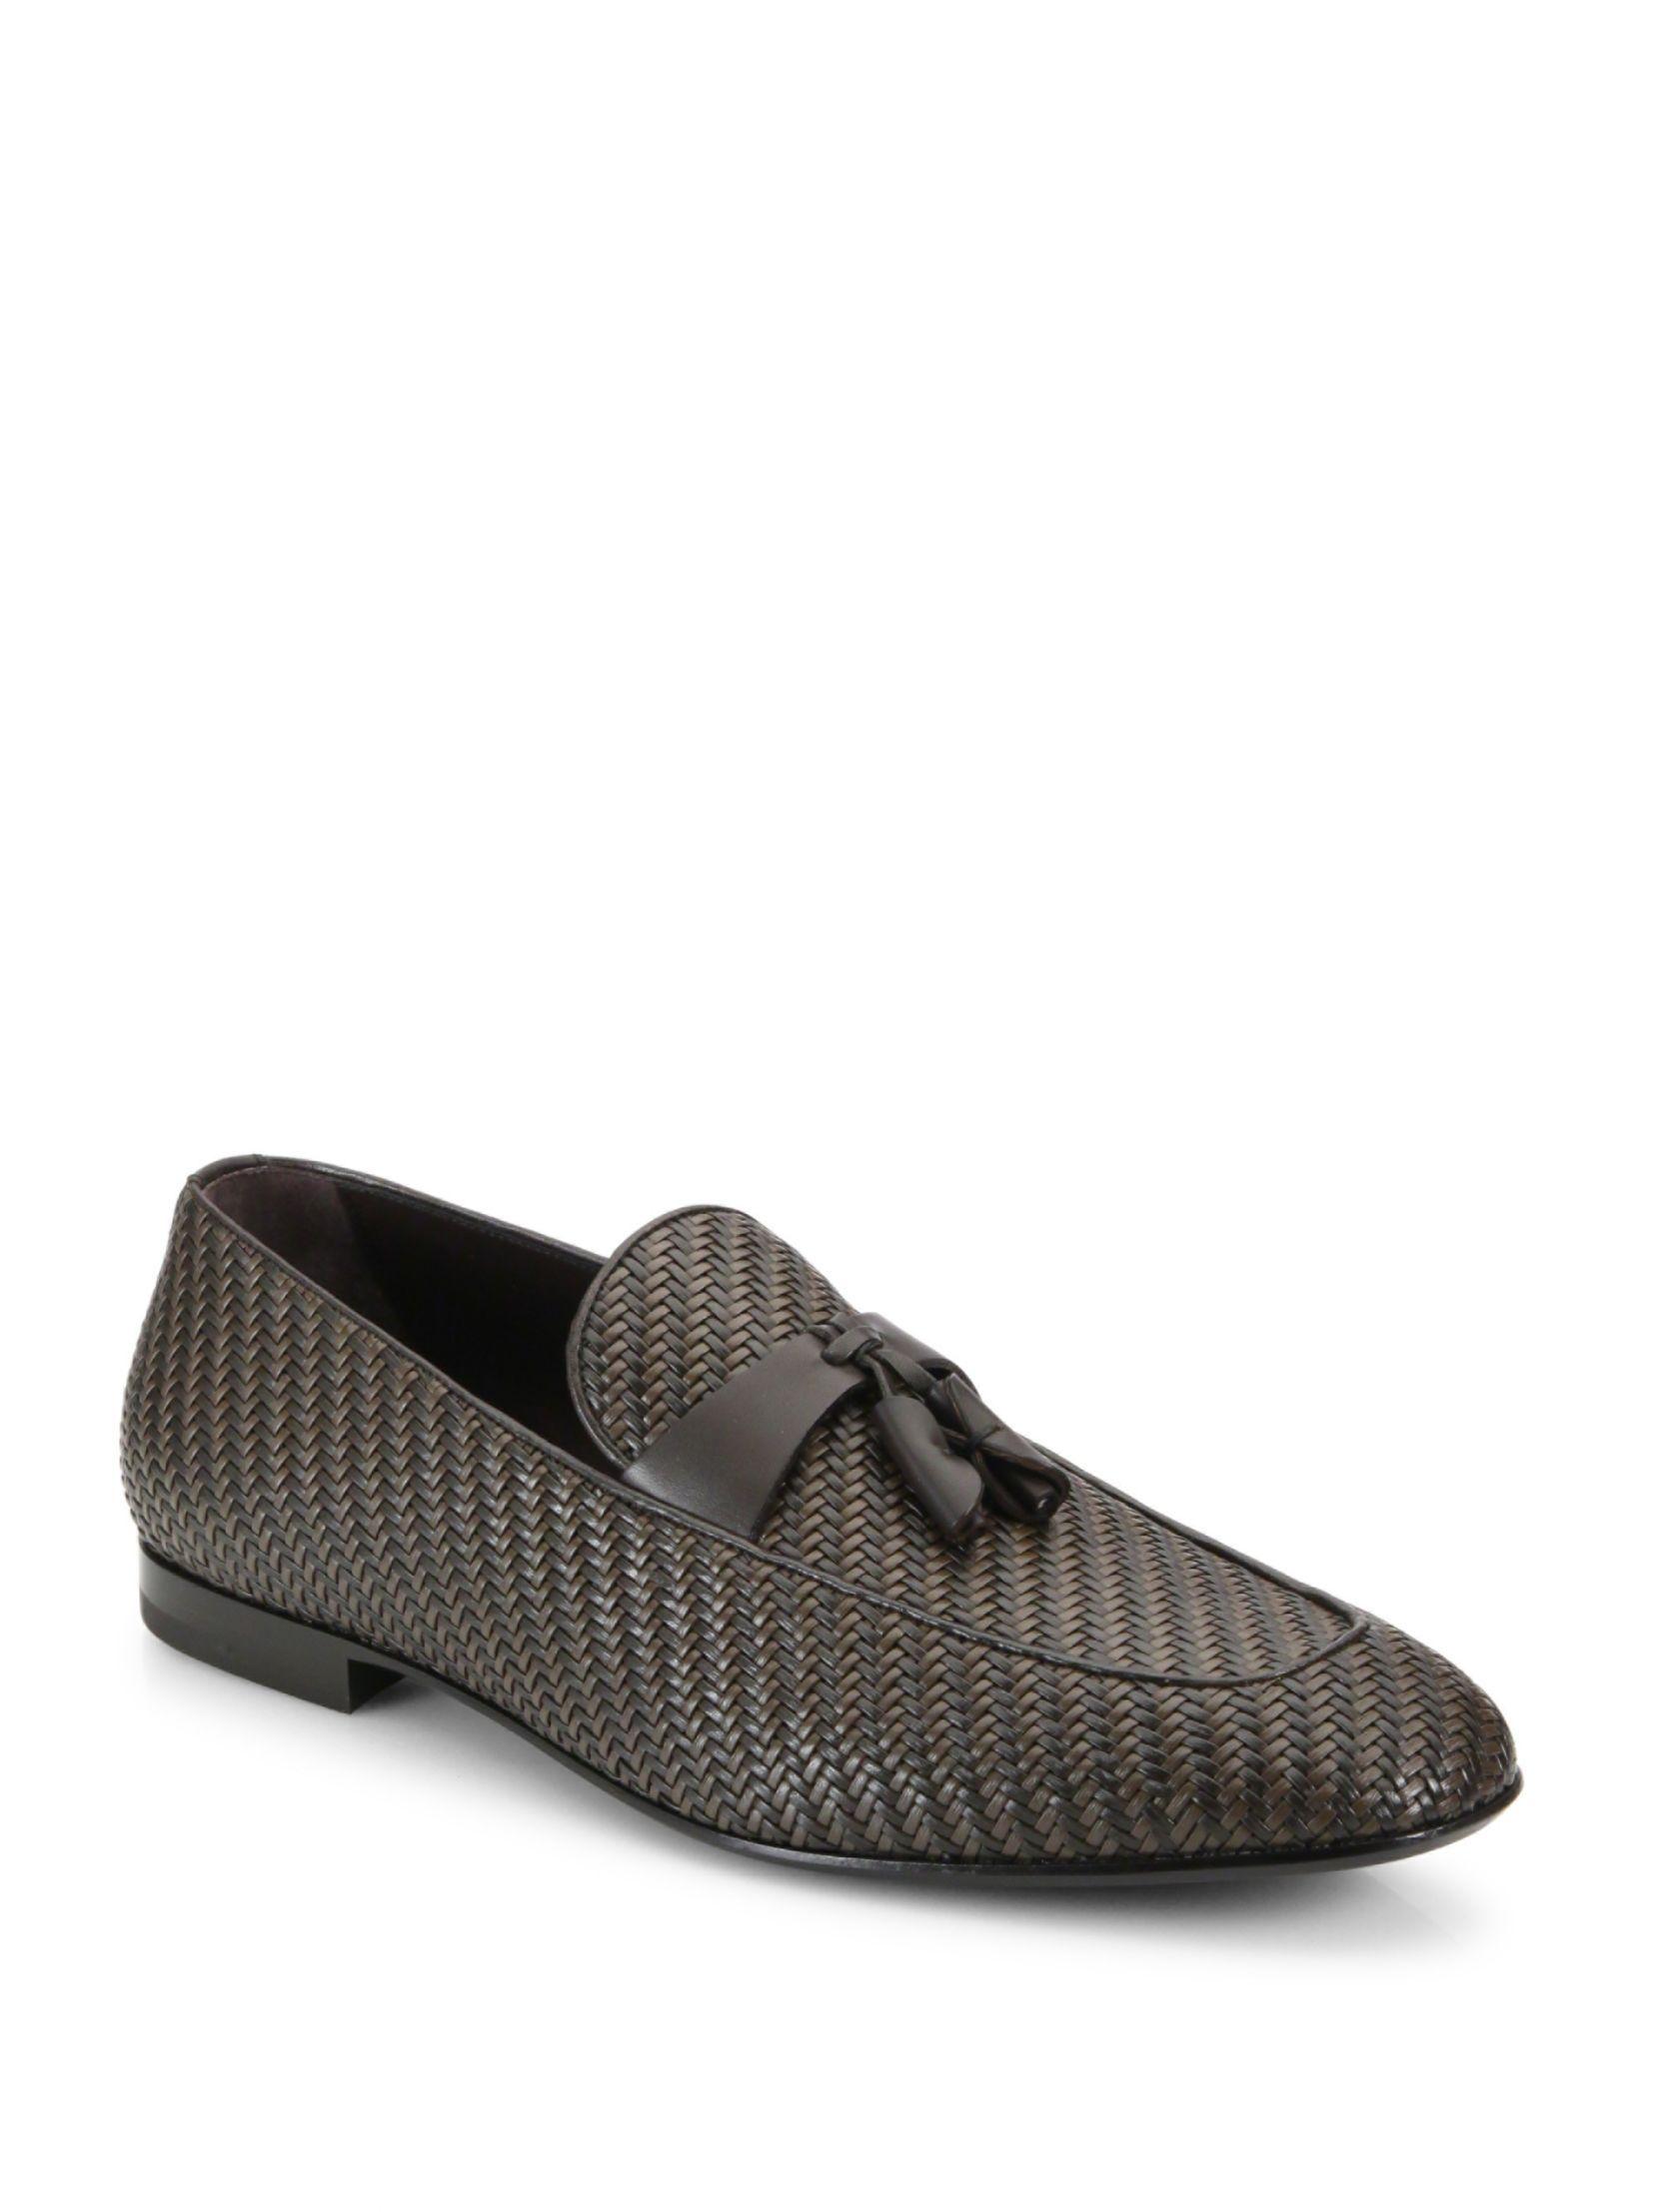 c90483c0a79a Ermenegildo Zegna Pelle Tessuta Leather Loafers